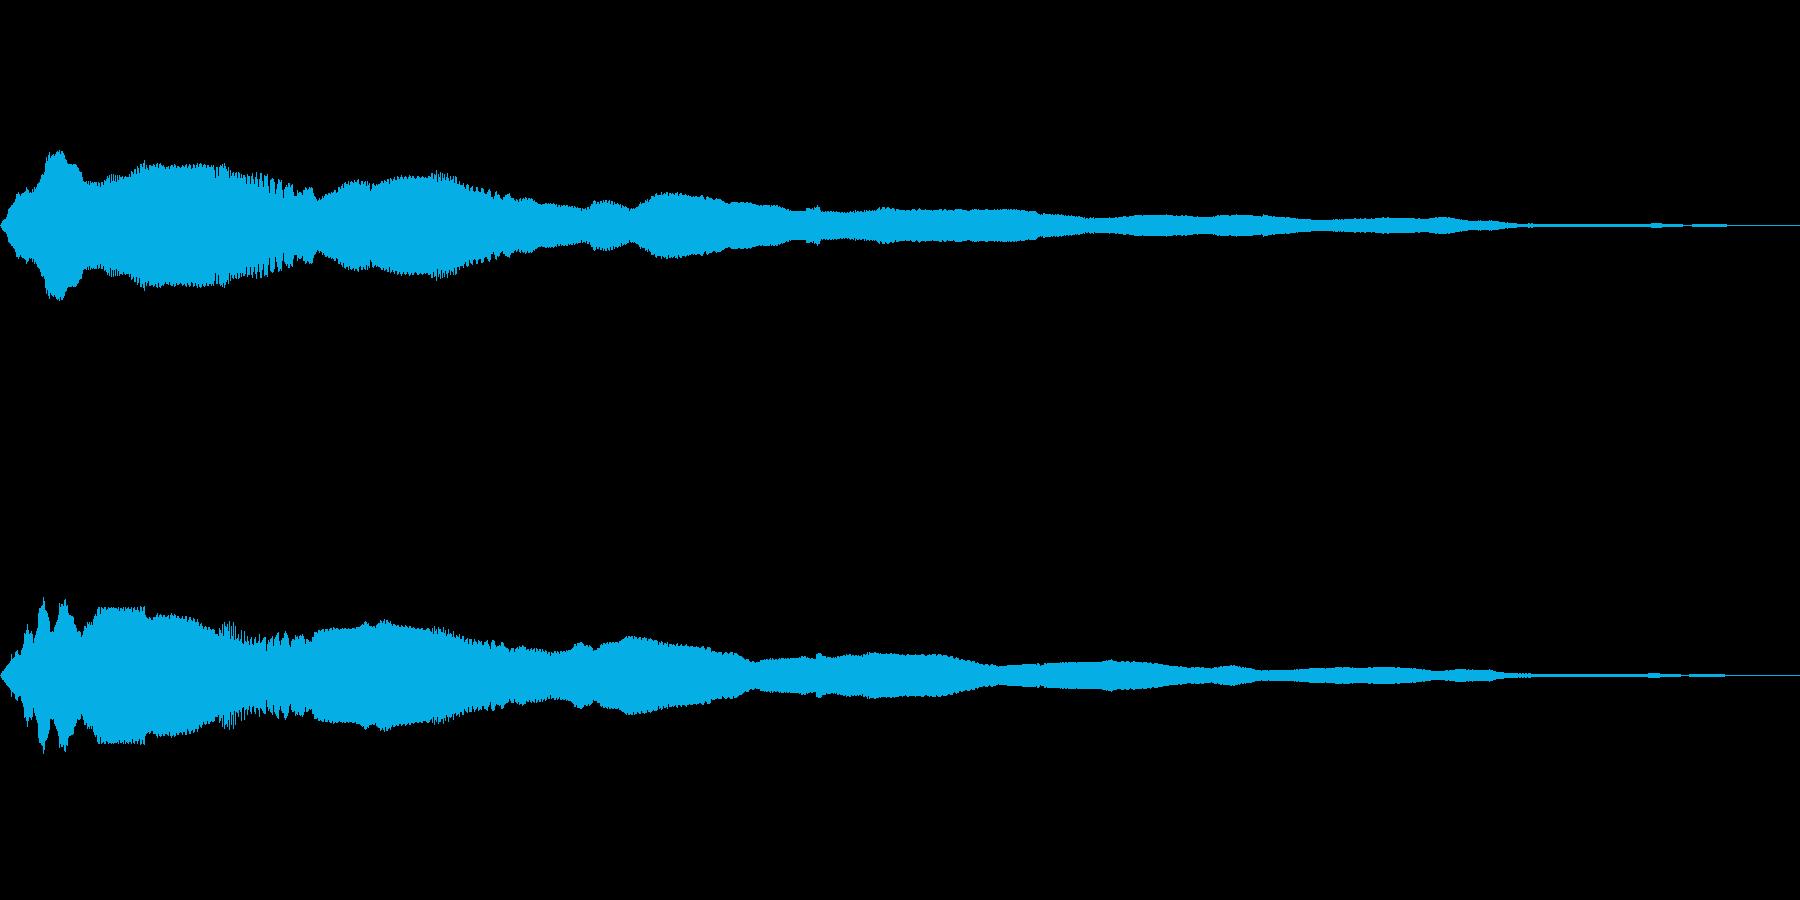 キラーン(8bit風)の再生済みの波形